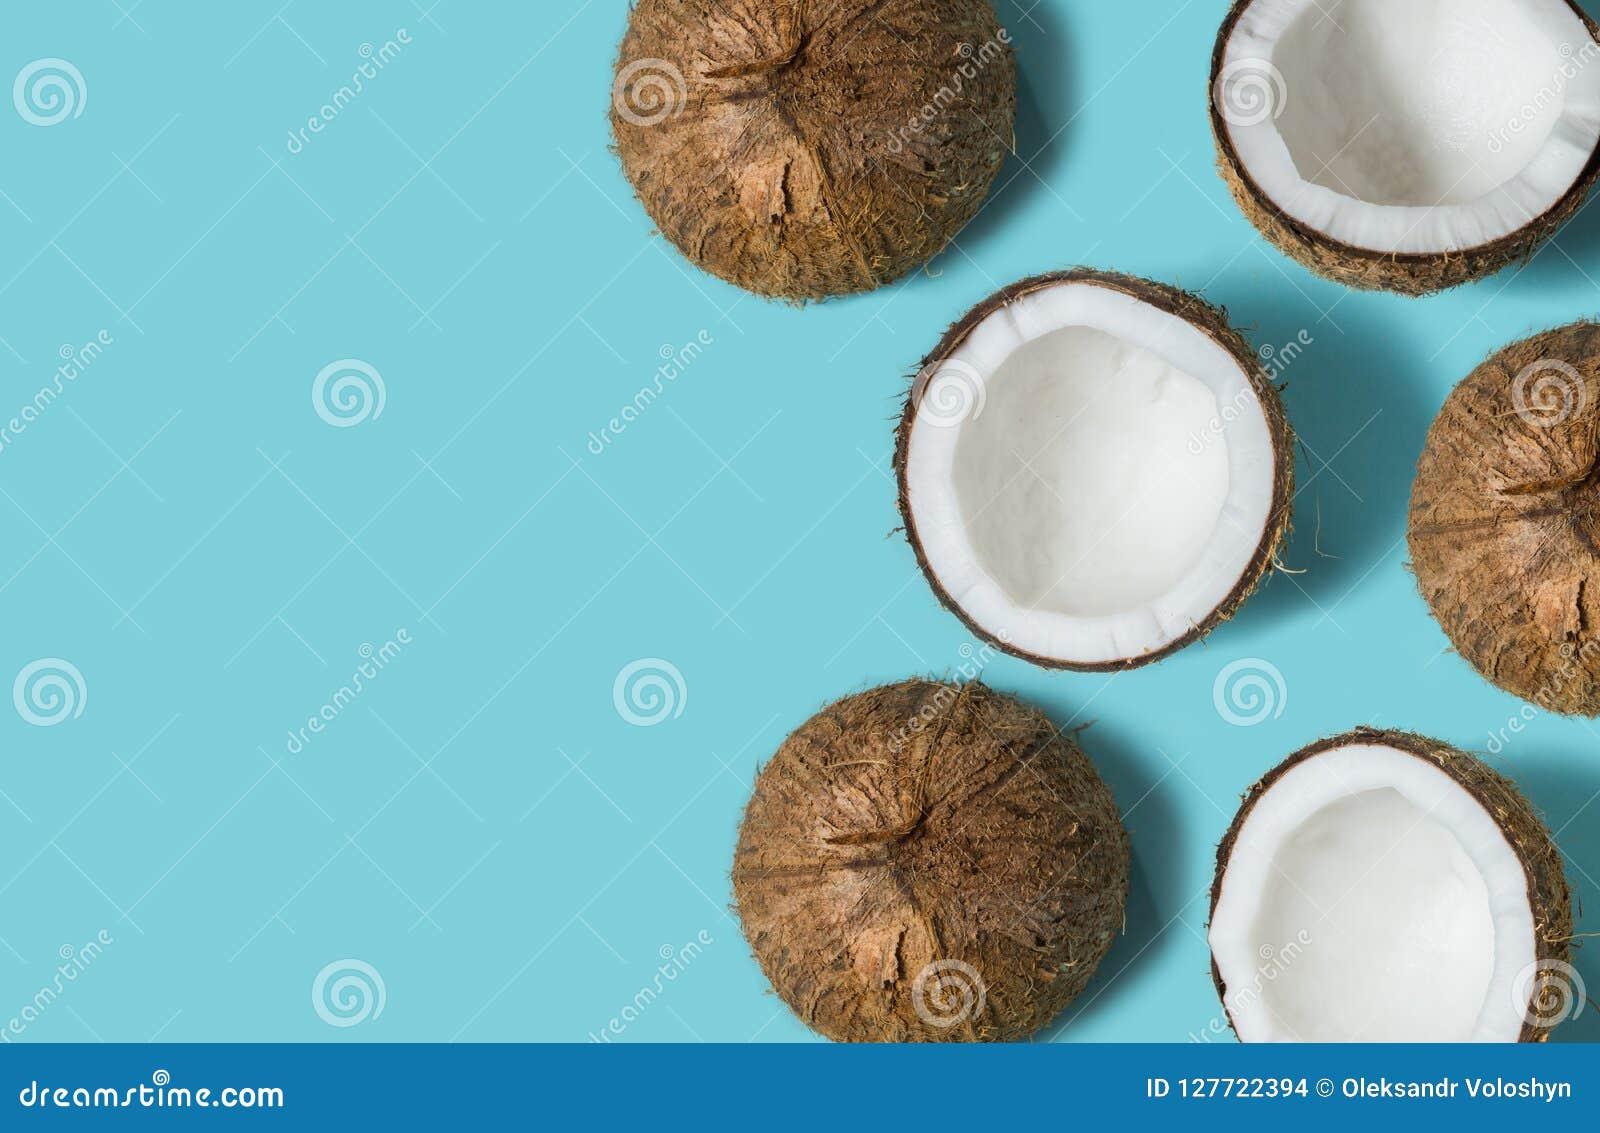 Hoogste die mening van kokosnoot op blauw achtergrond de Zomerconcept wordt geïsoleerd Vlak leg Patroon